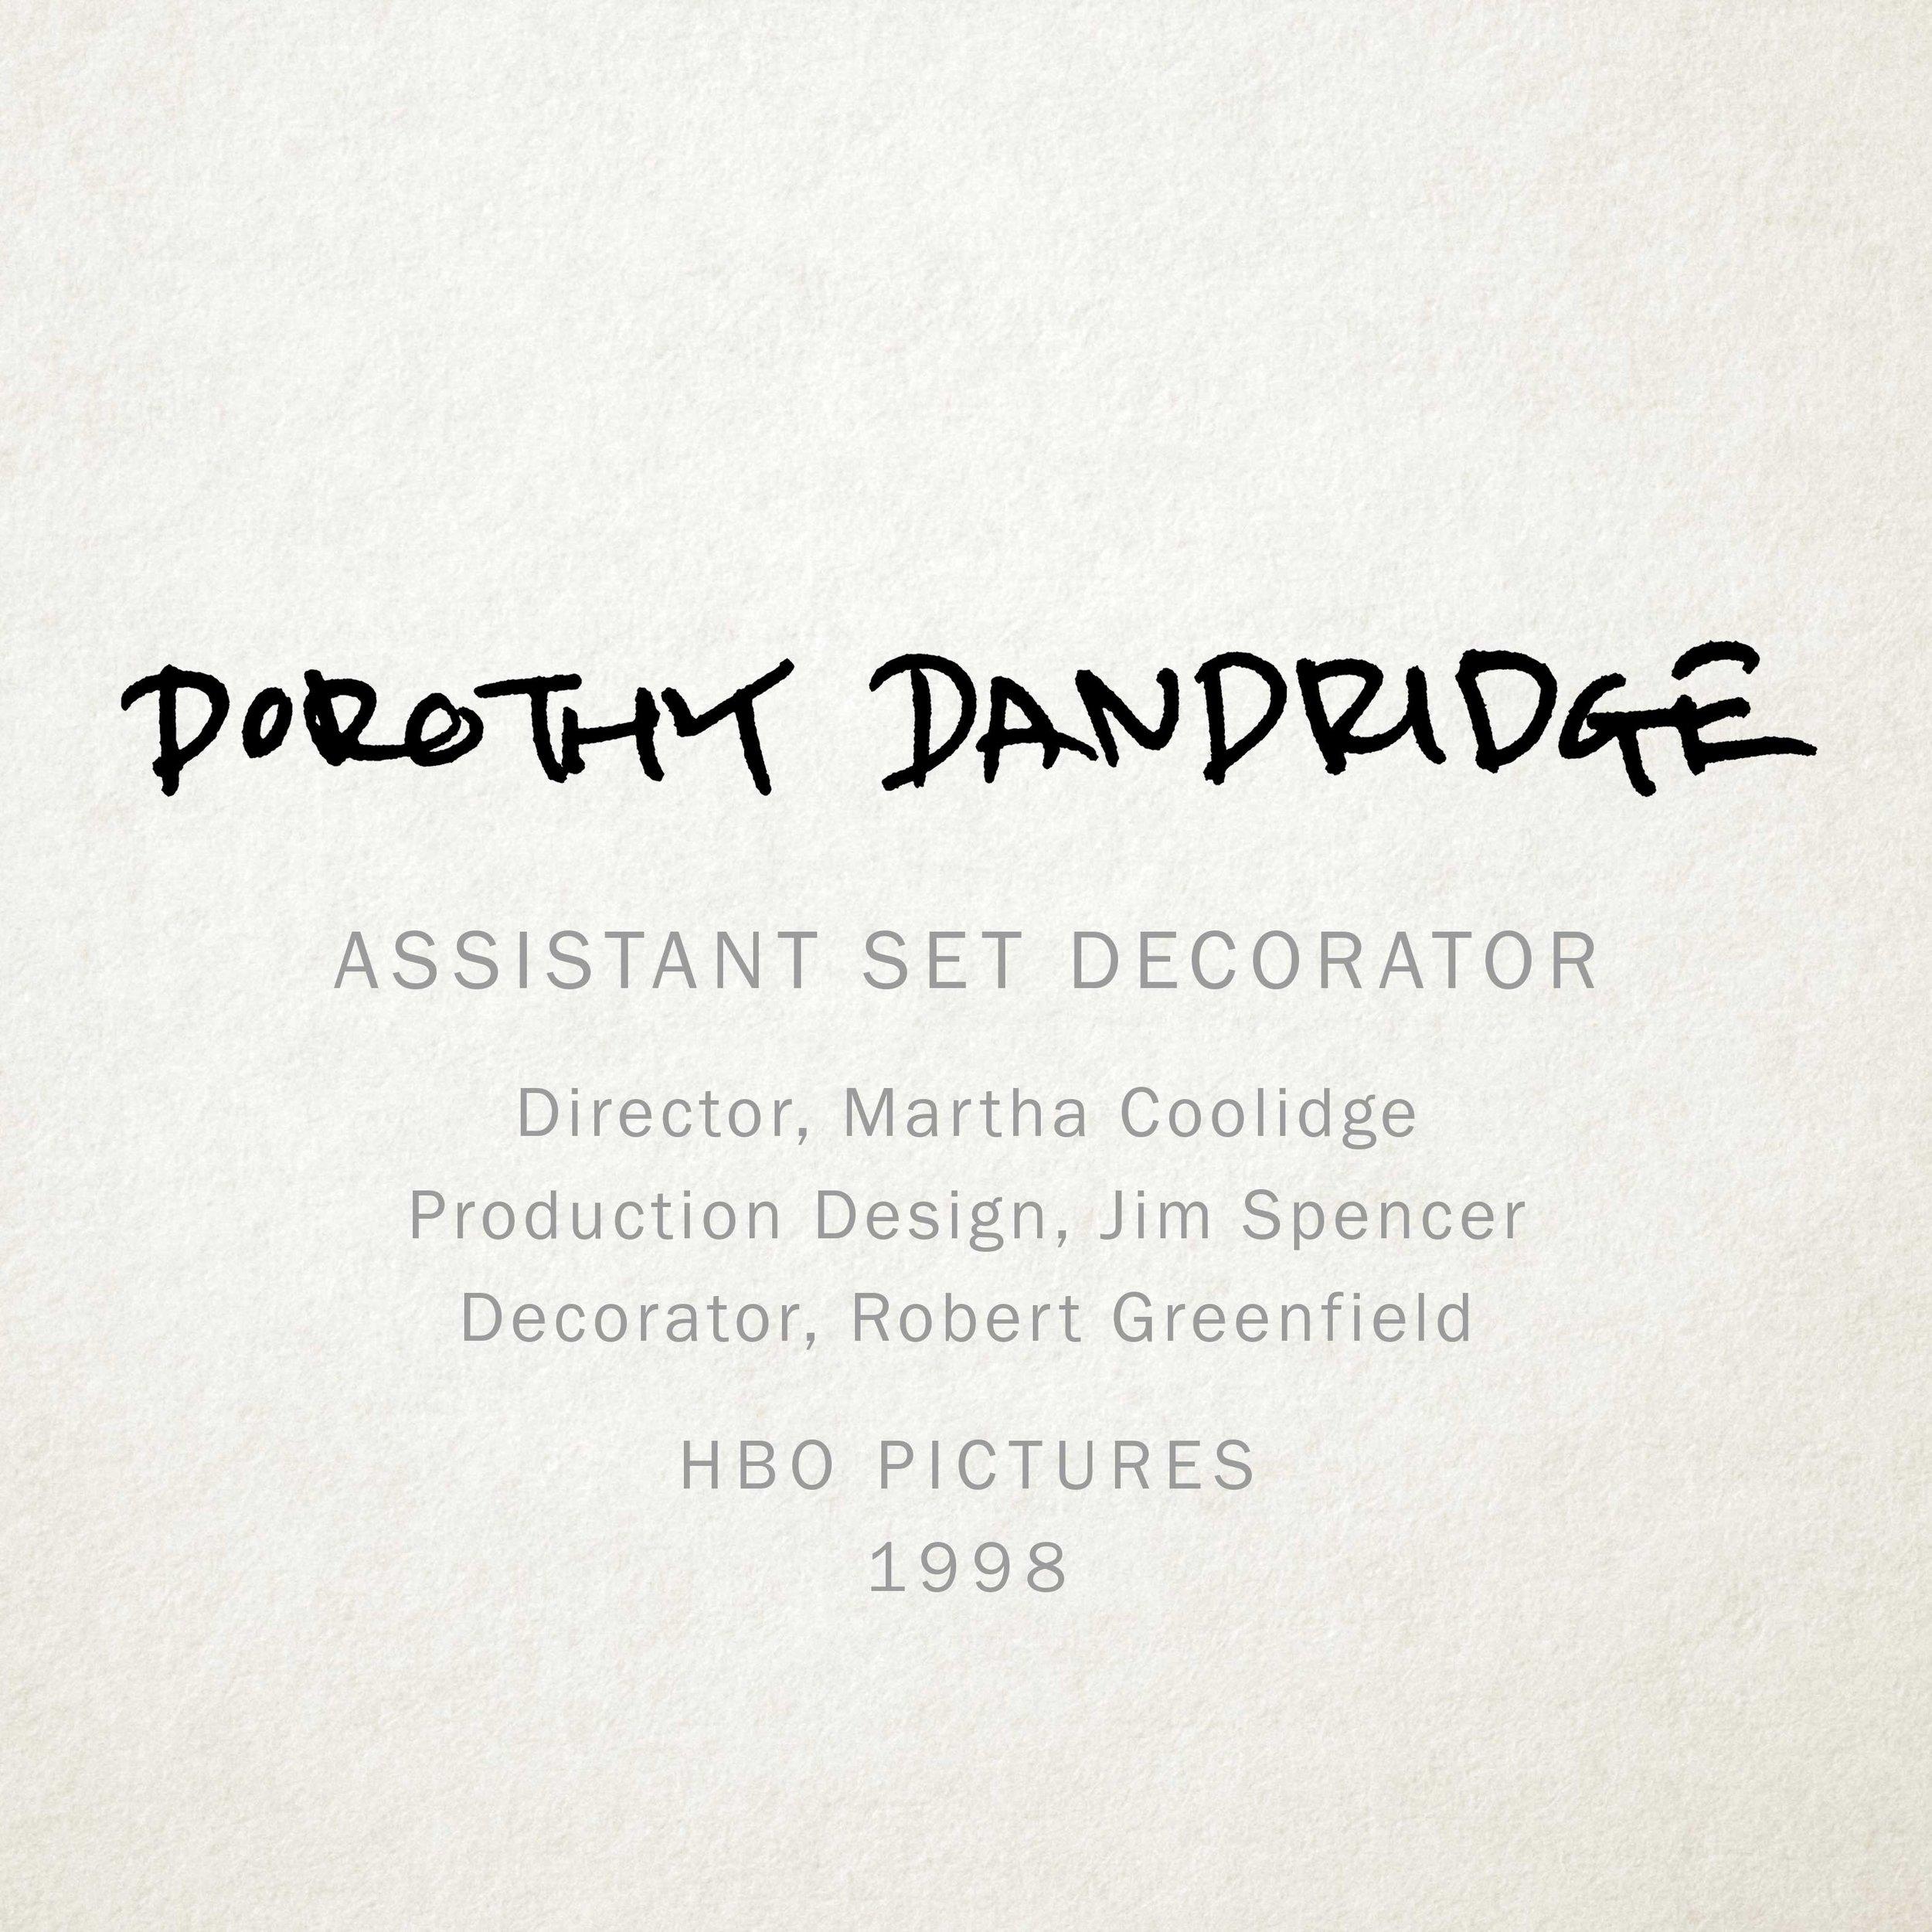 SSS-Films-5-DorothyDandridge.jpg